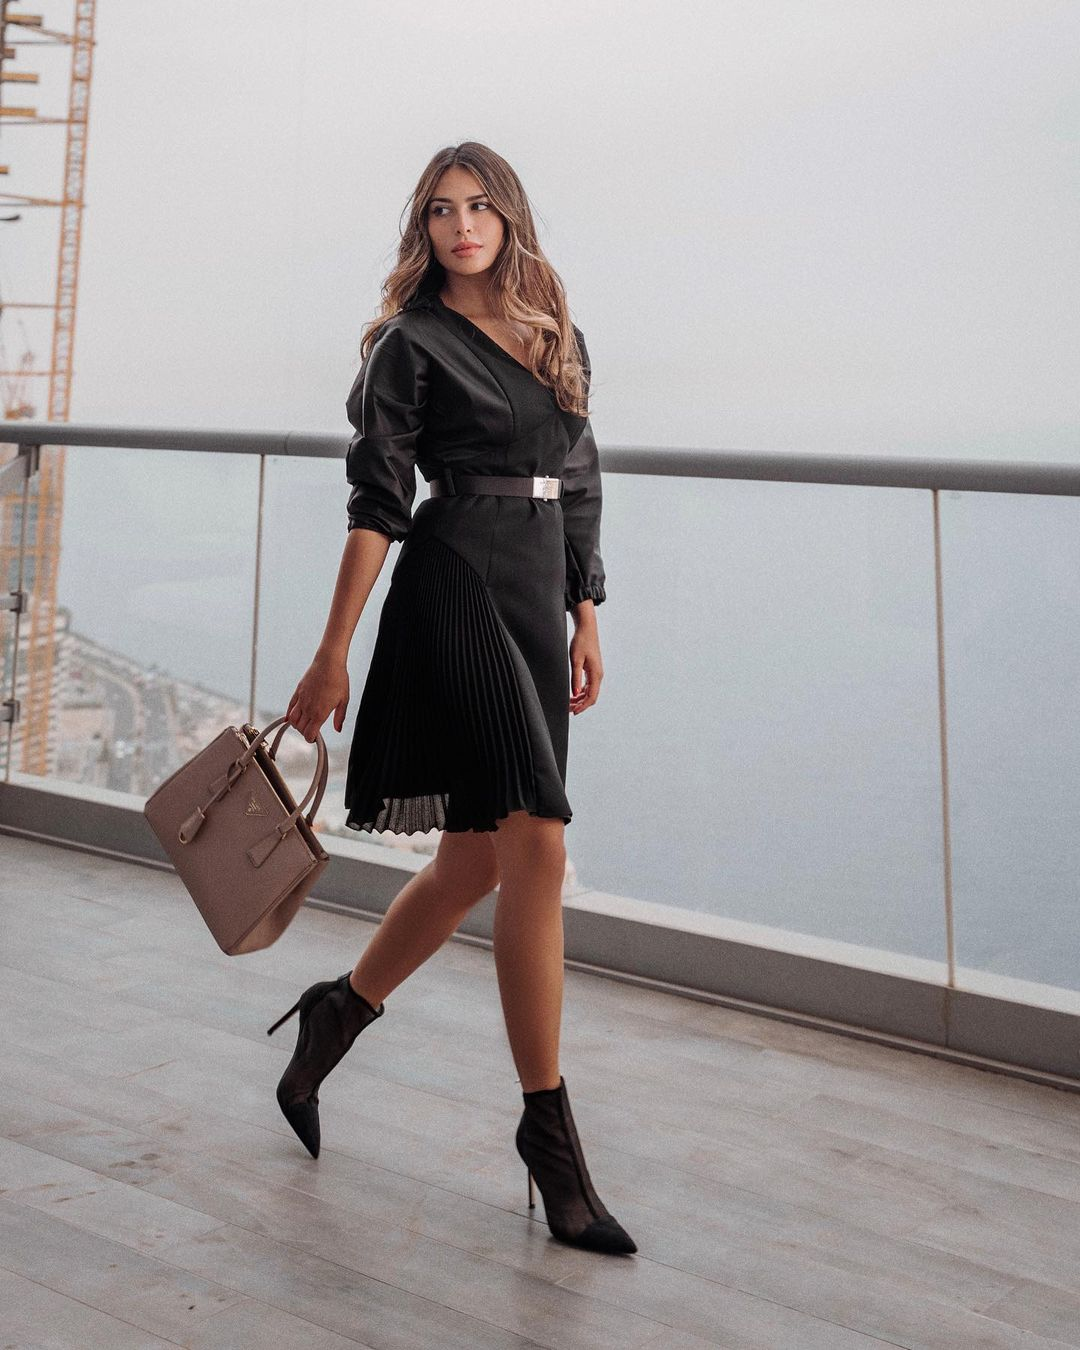 لما العقيل بحقيبة يد كبيرة باللون البيج الصورة من حسابها على انستغرام